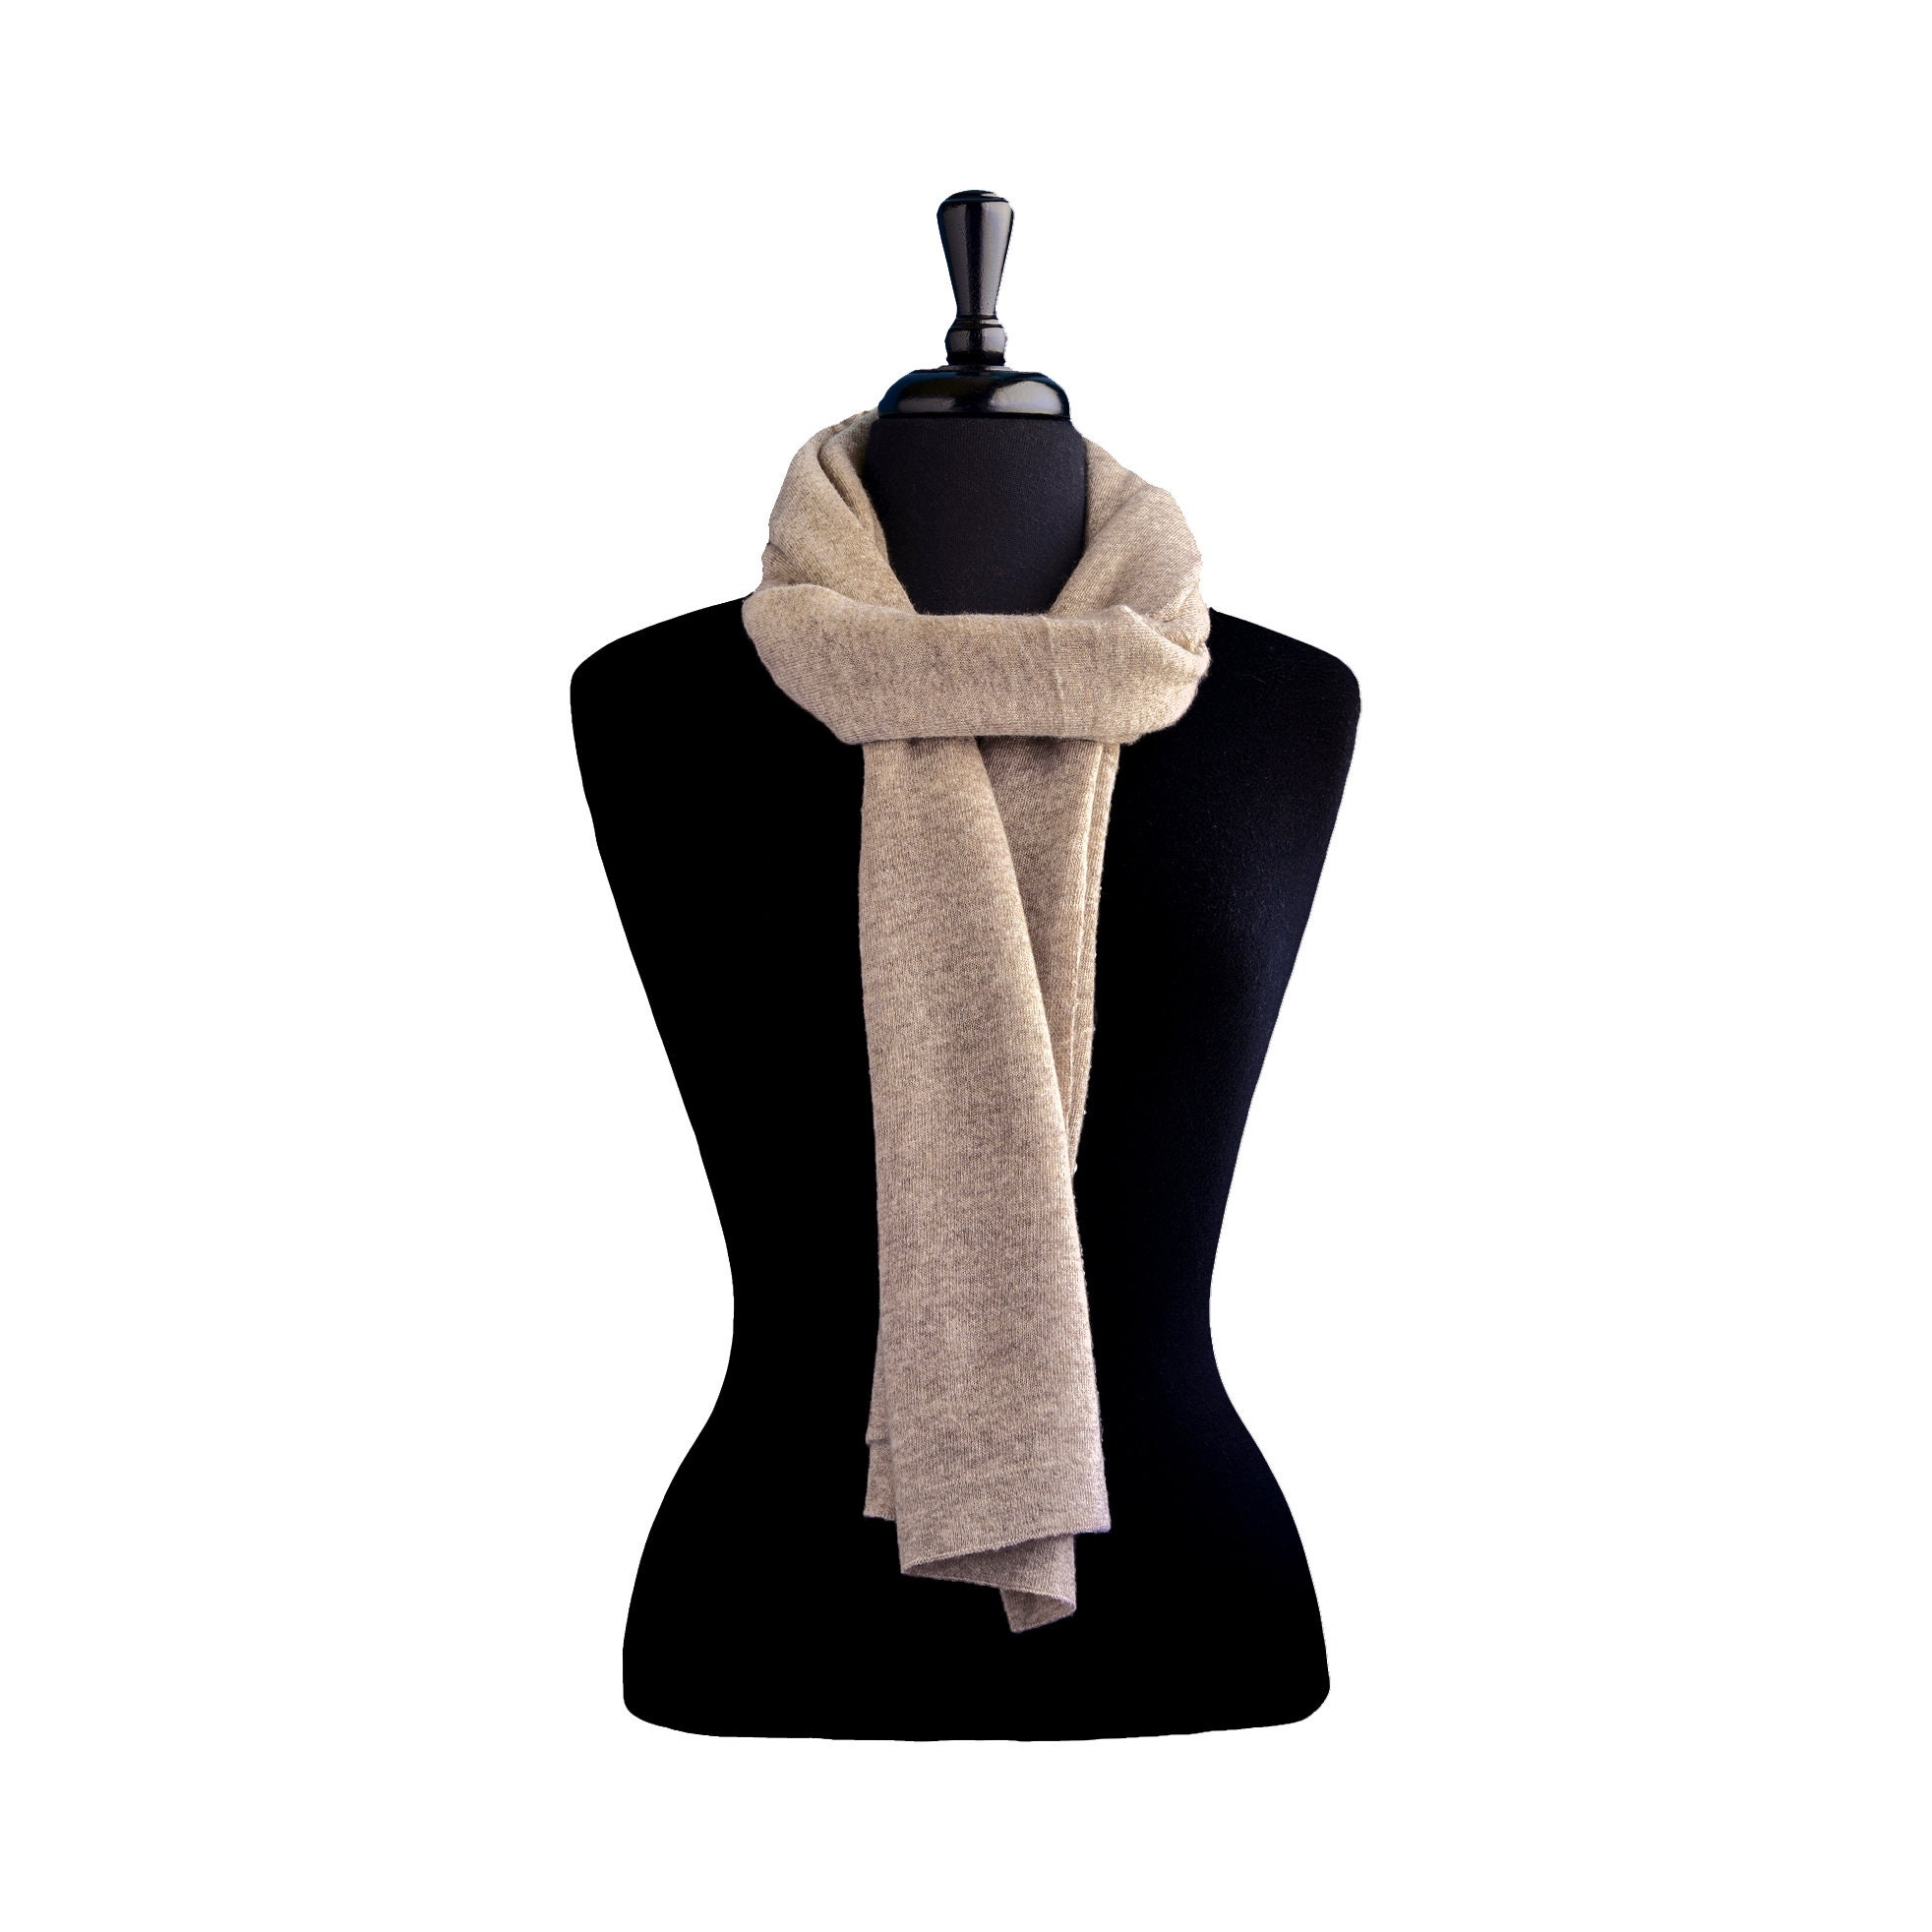 9ccfe8cc352c Châle Cachemire châle pashmina châle esthétique vêtements vegan vêtements  écharpe foulard en tricot doudou foulard écharpe